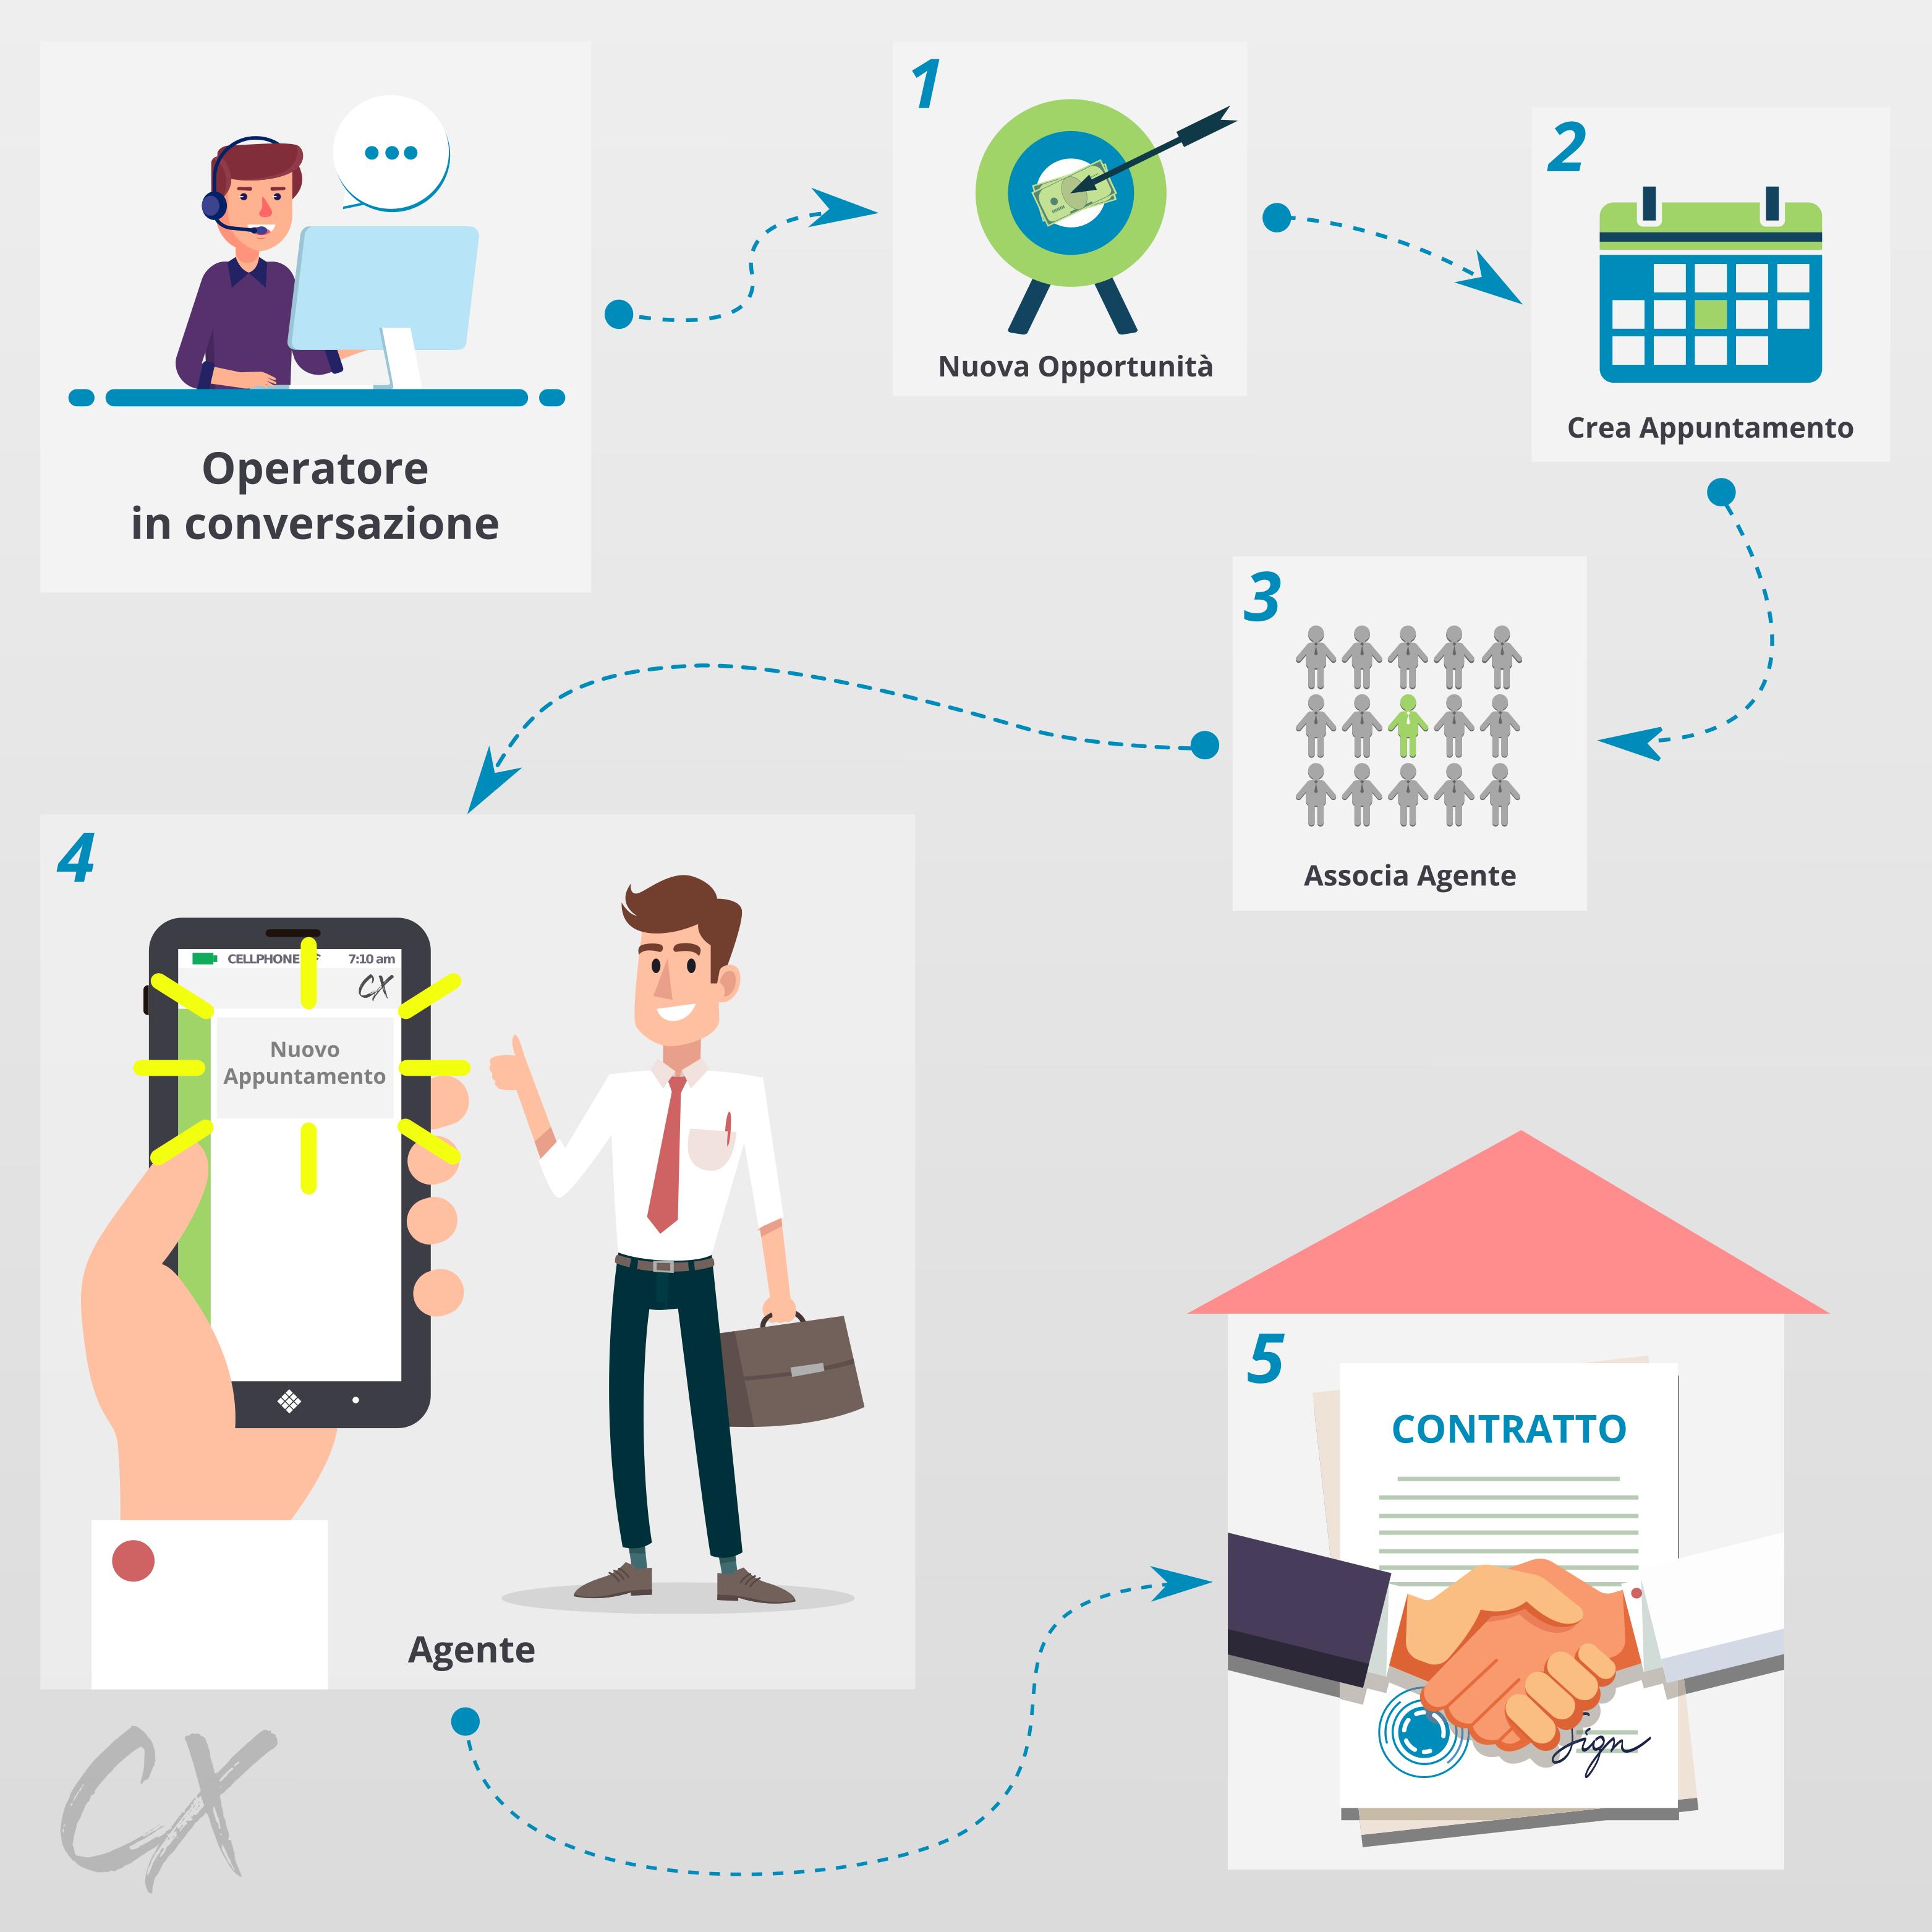 gestione-presa-appuntamenti-call-center-crm-callxploder